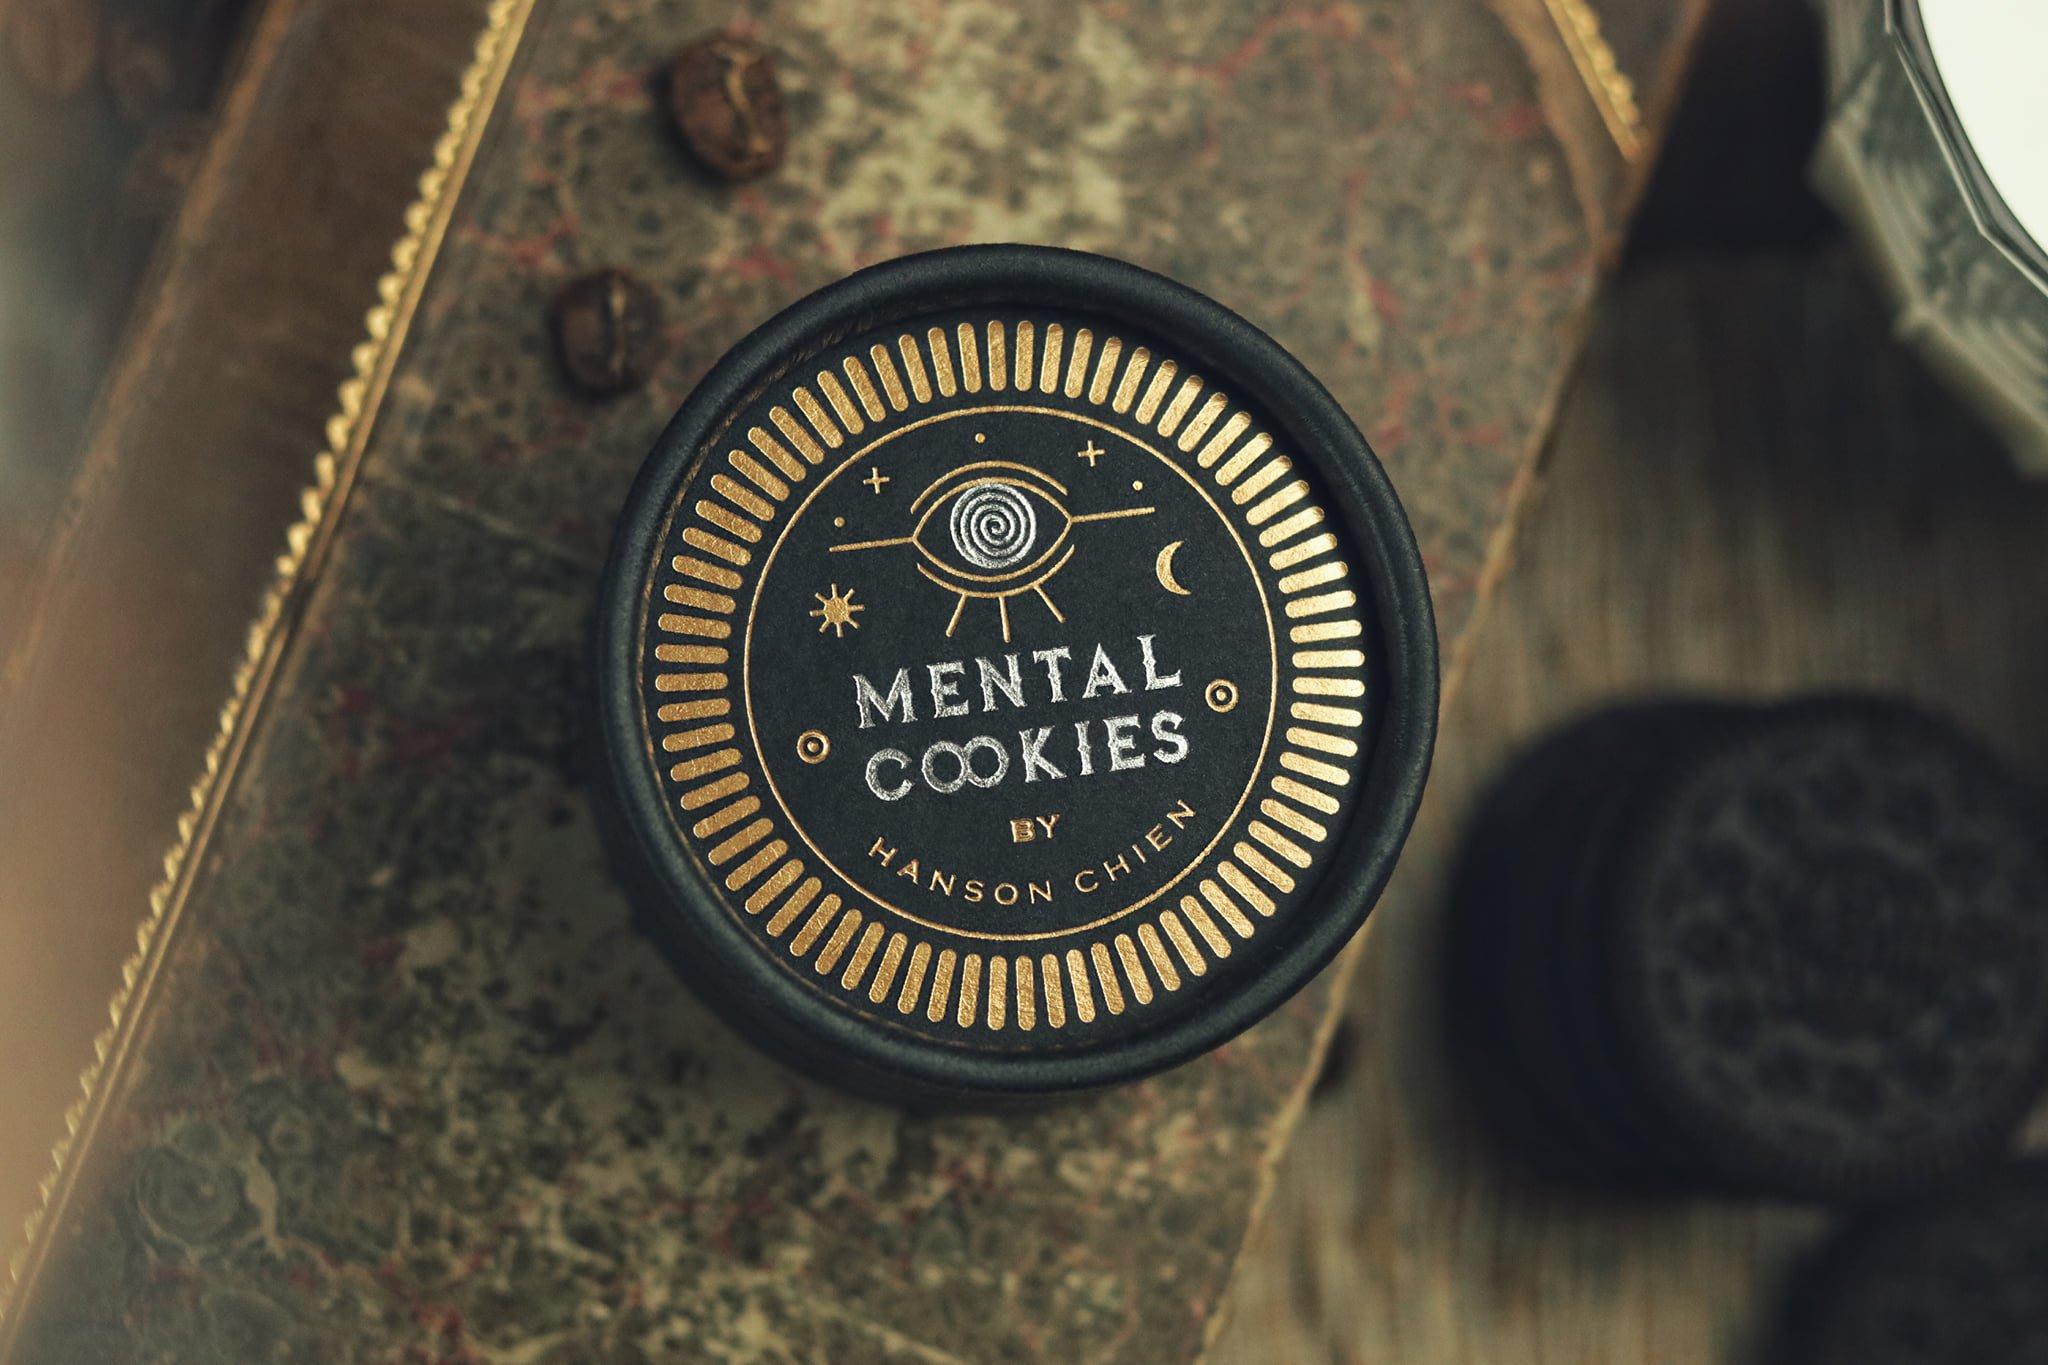 【天天魔法】【S1318】正宗原廠~心靈餅乾~Mental Cookies~(簡子出品)